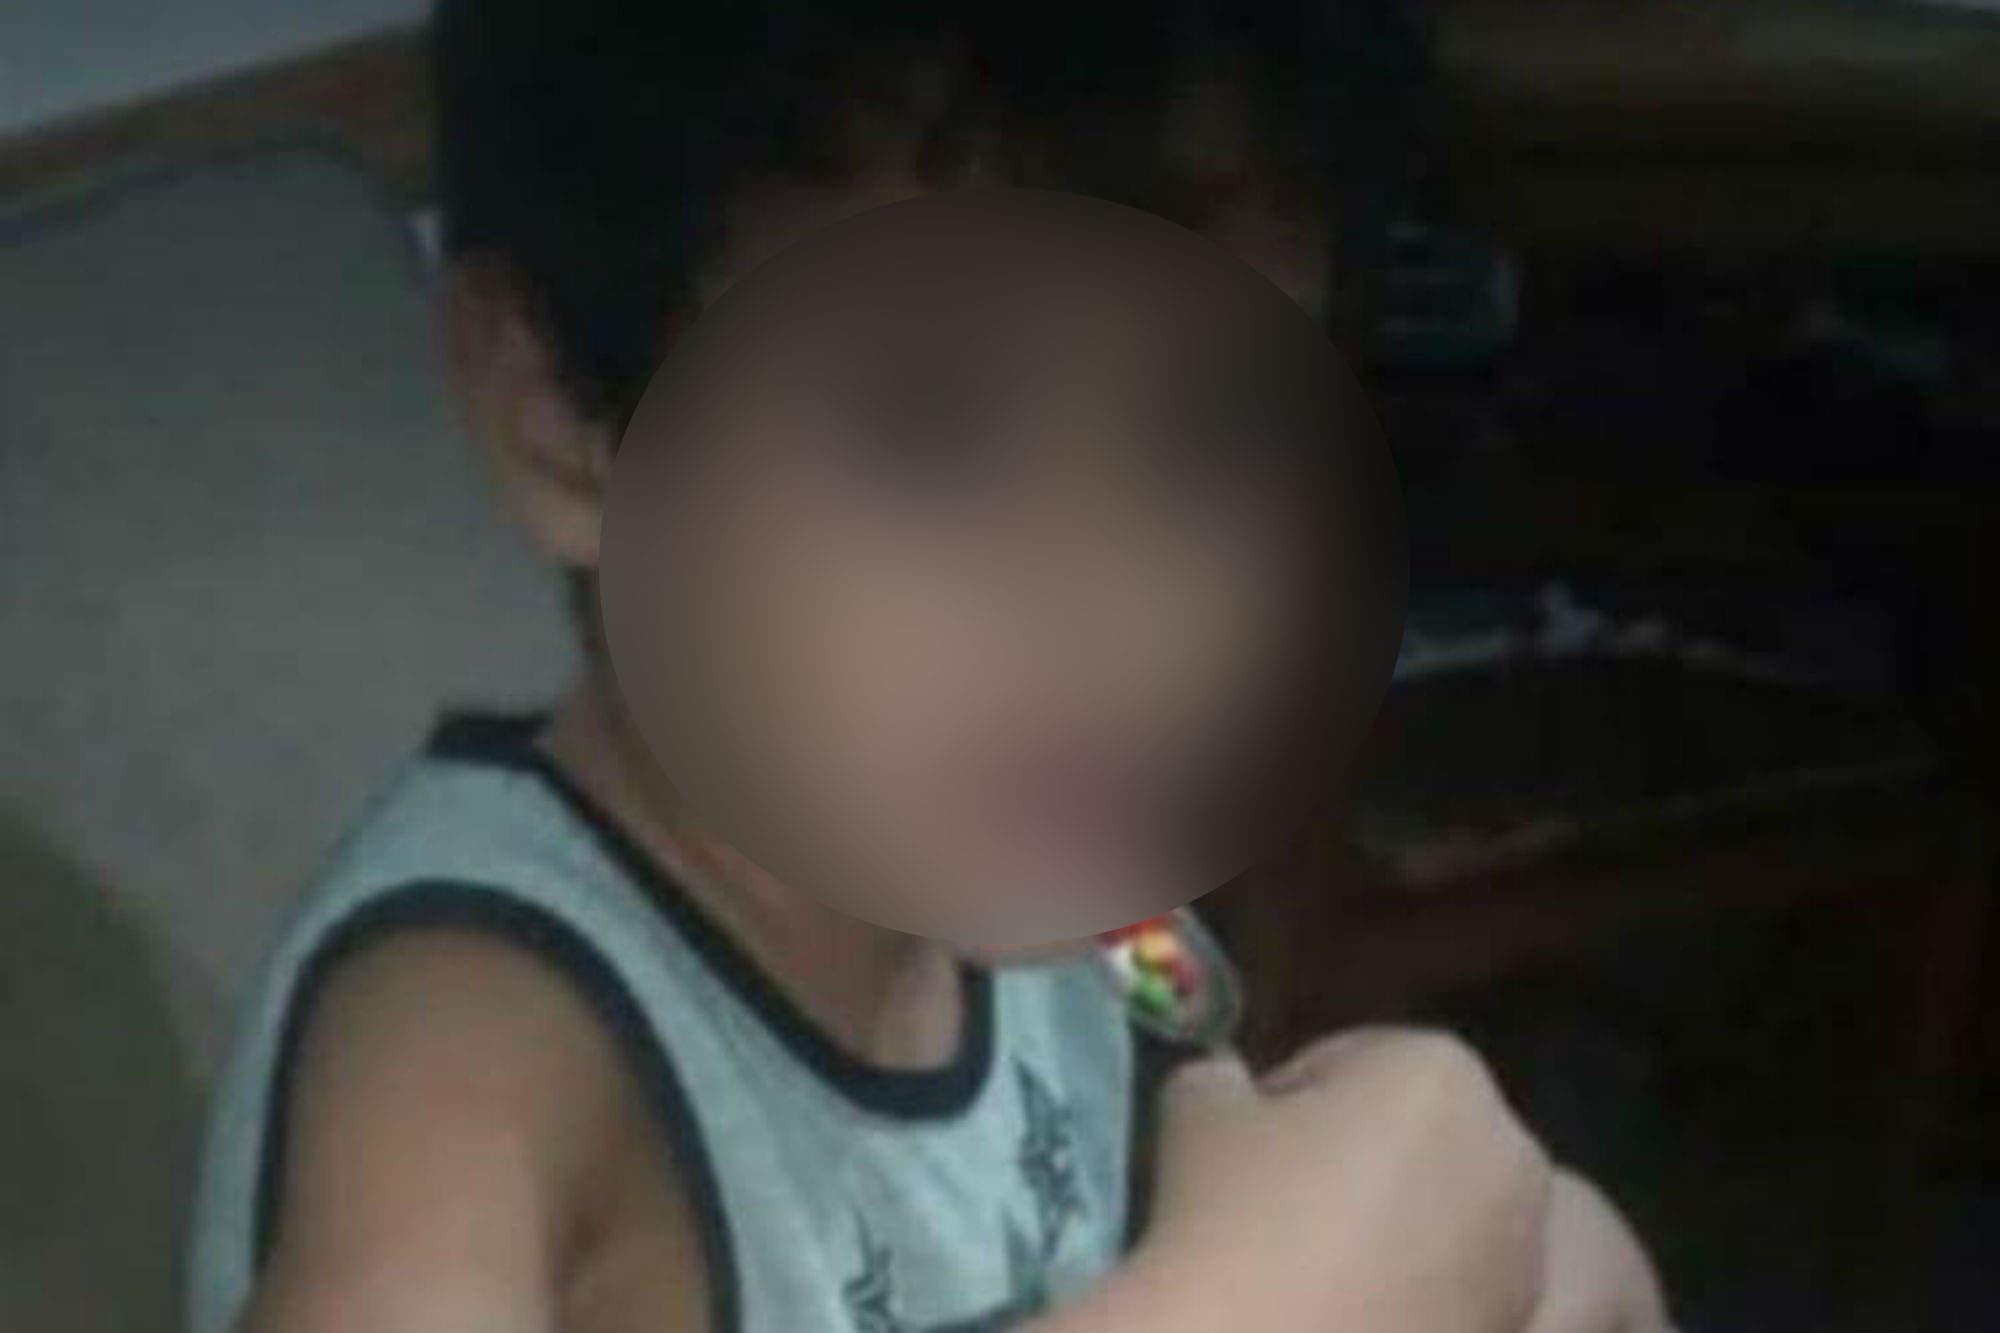 Apareció Benjamín, el niño de 6 años que había desaparecido en San Juan